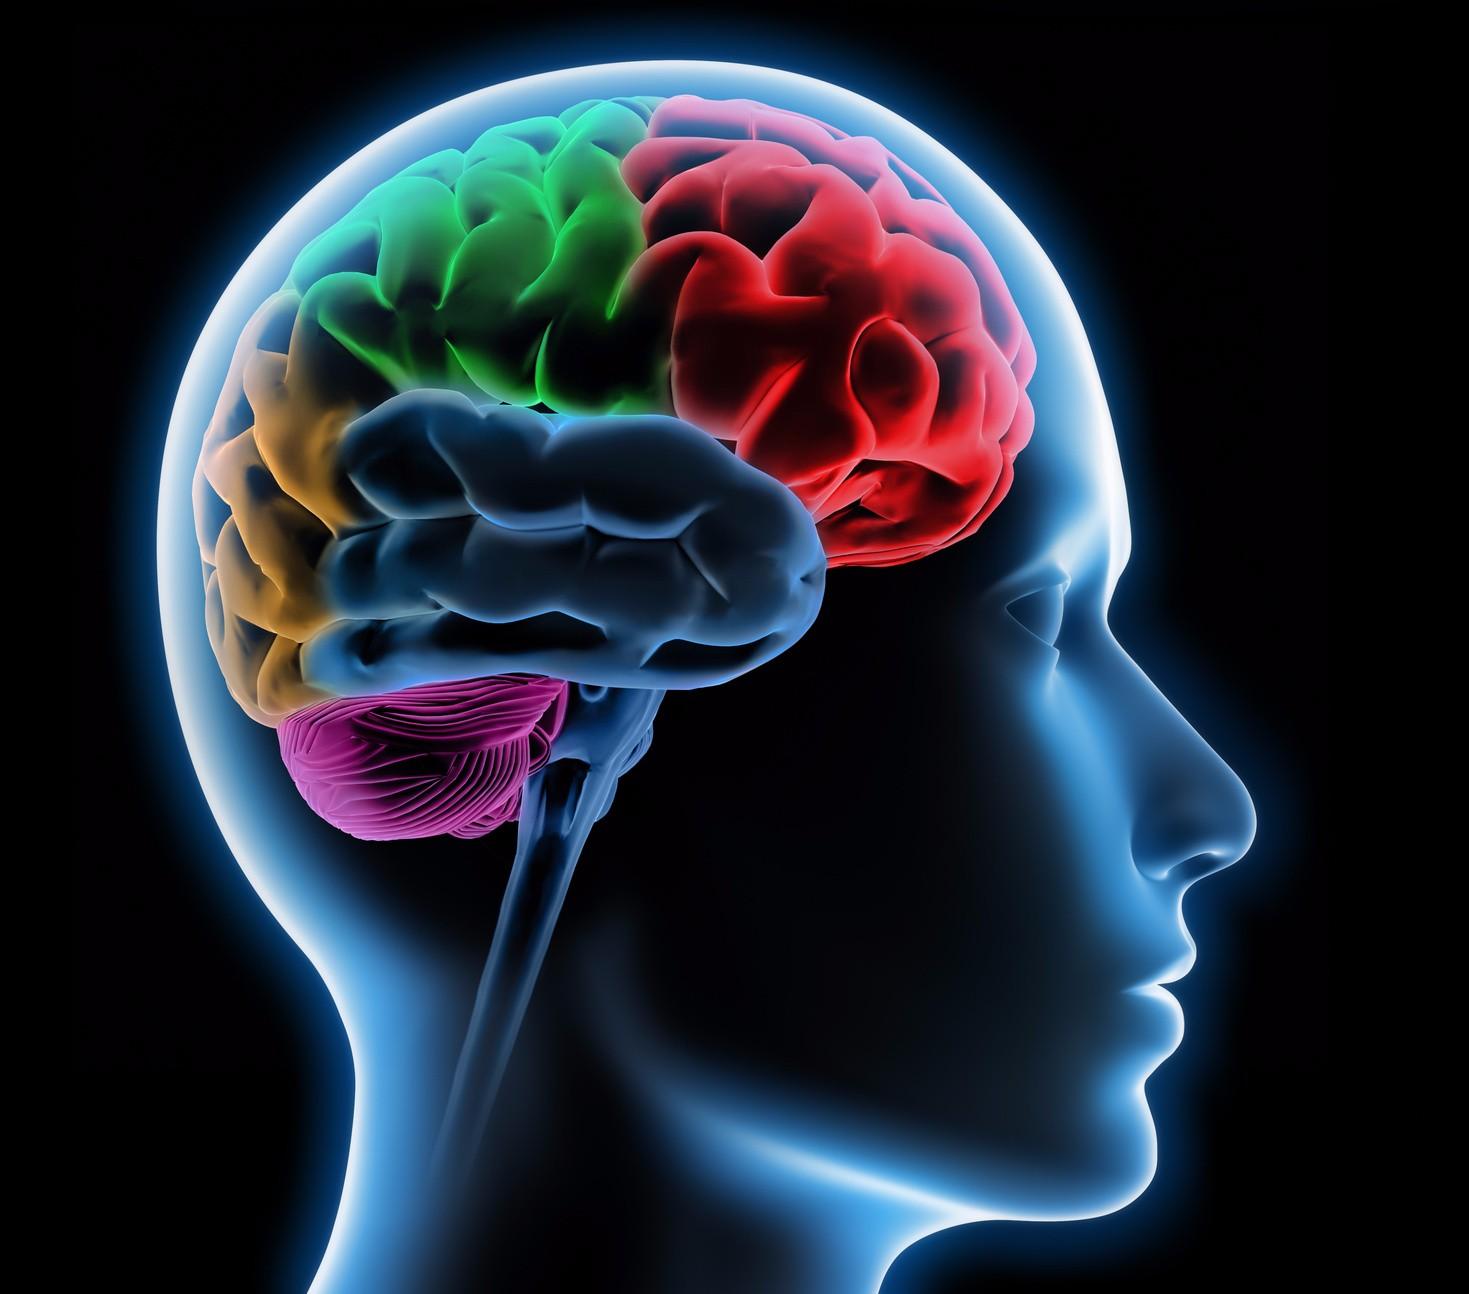 7th CROATIAN NEUROLOGICAL CONGRESS